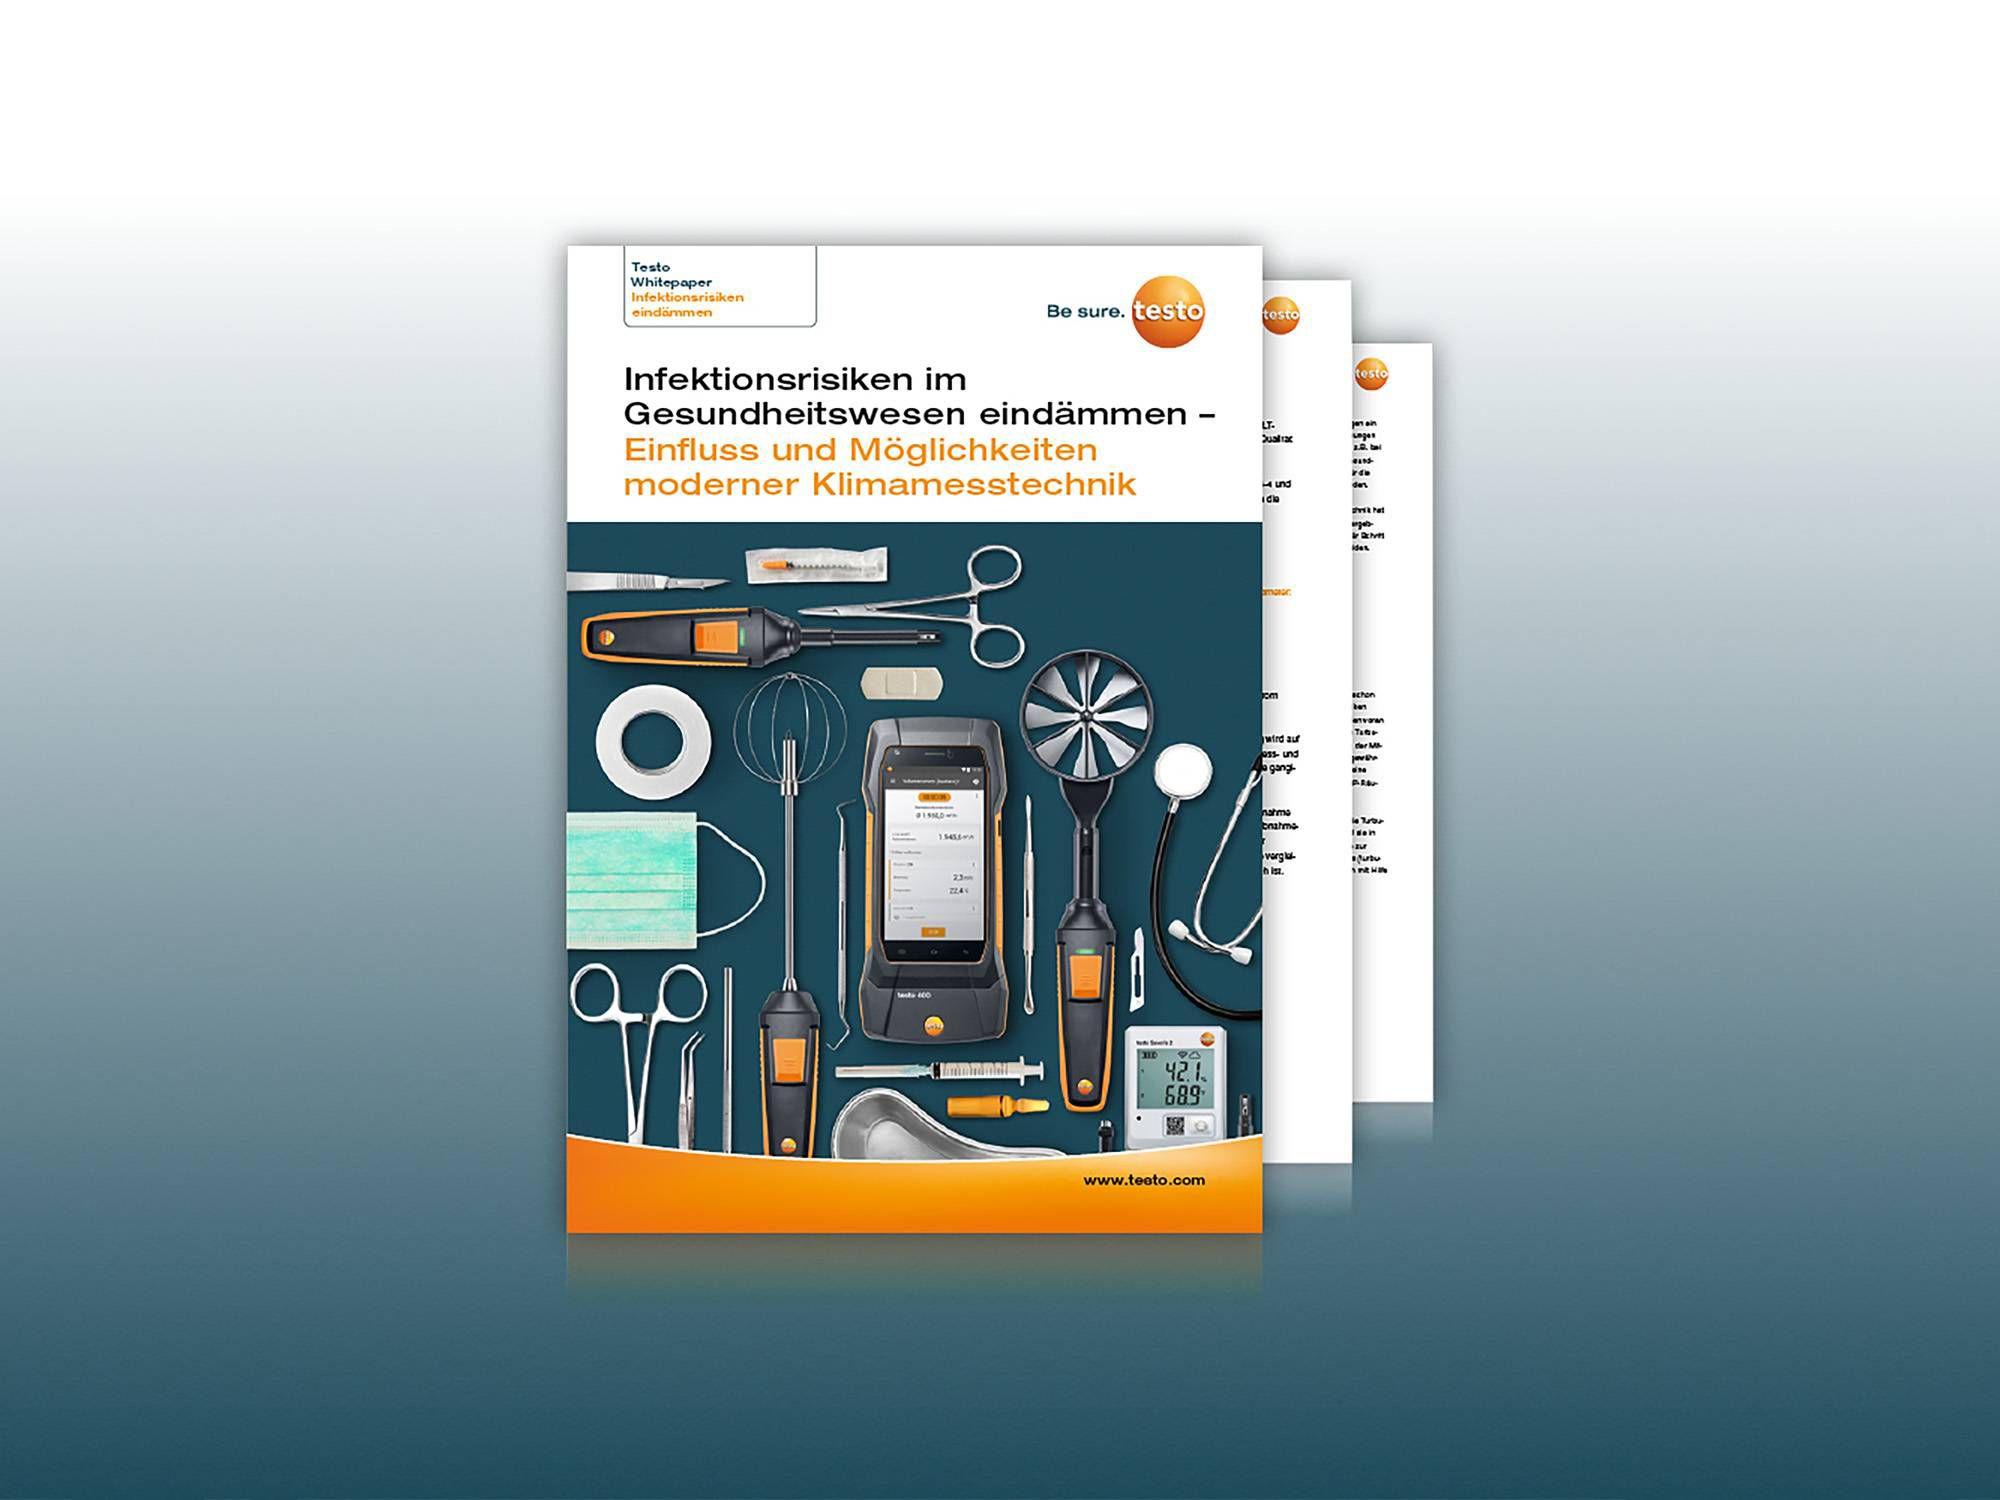 healthcare-2020-Whitepaper-2000x1500-DE.jpg